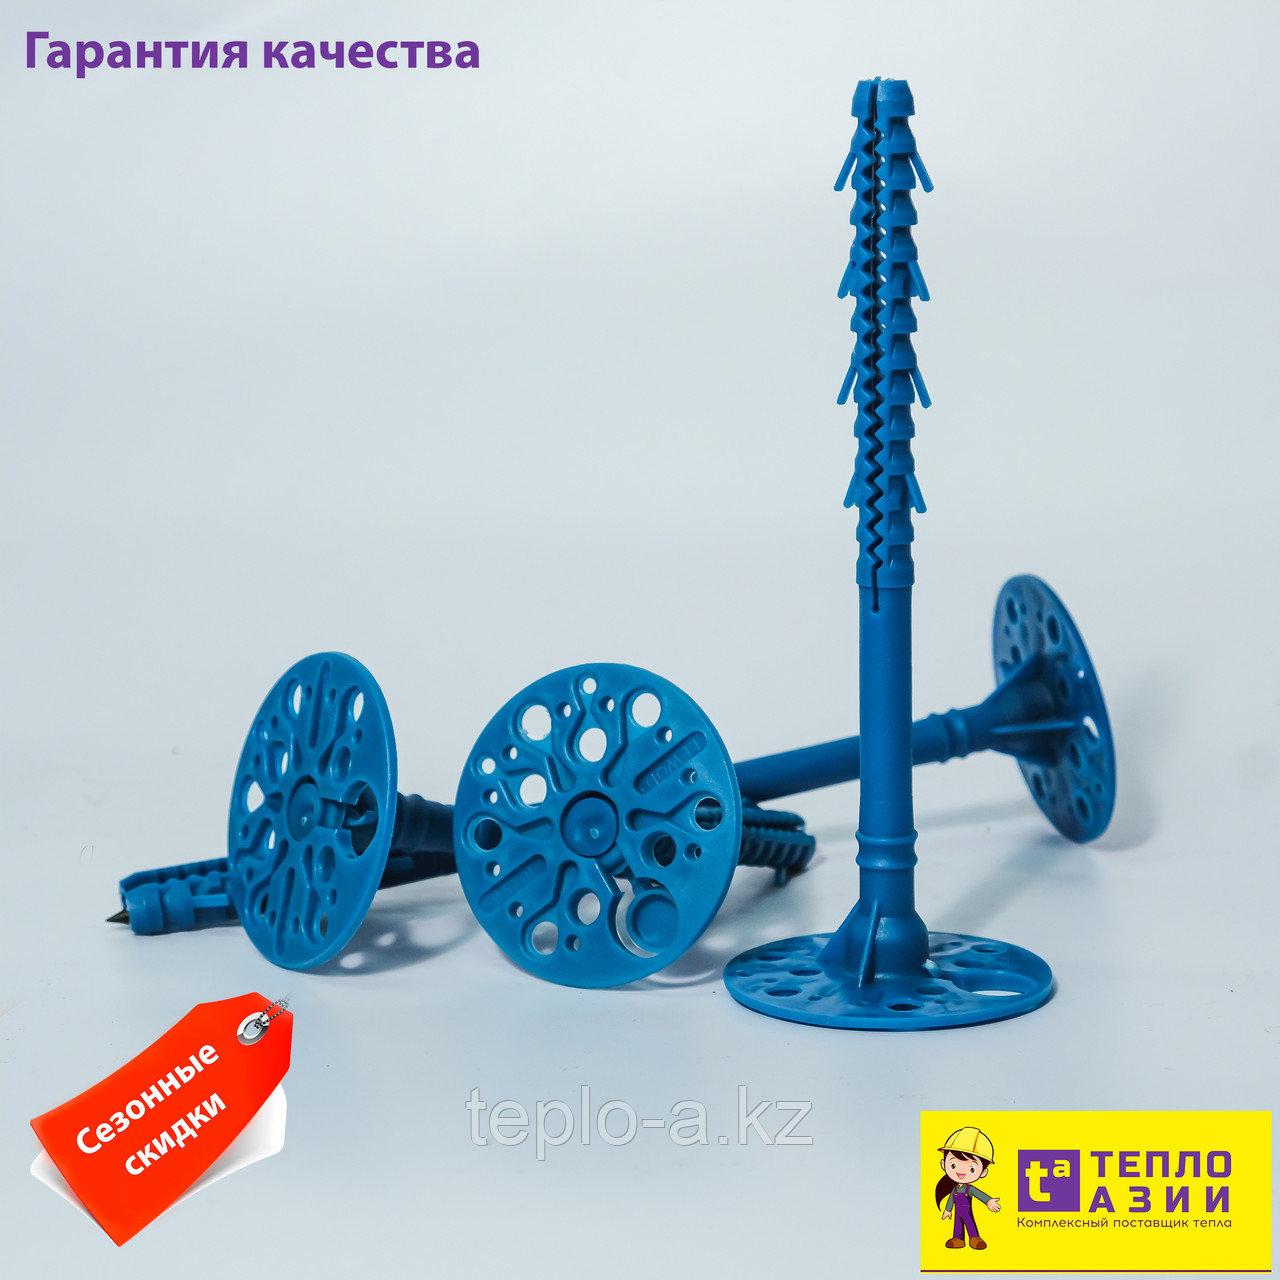 Пластиковый дюбель-зонт с металлическим гвоздем и термоголовкой